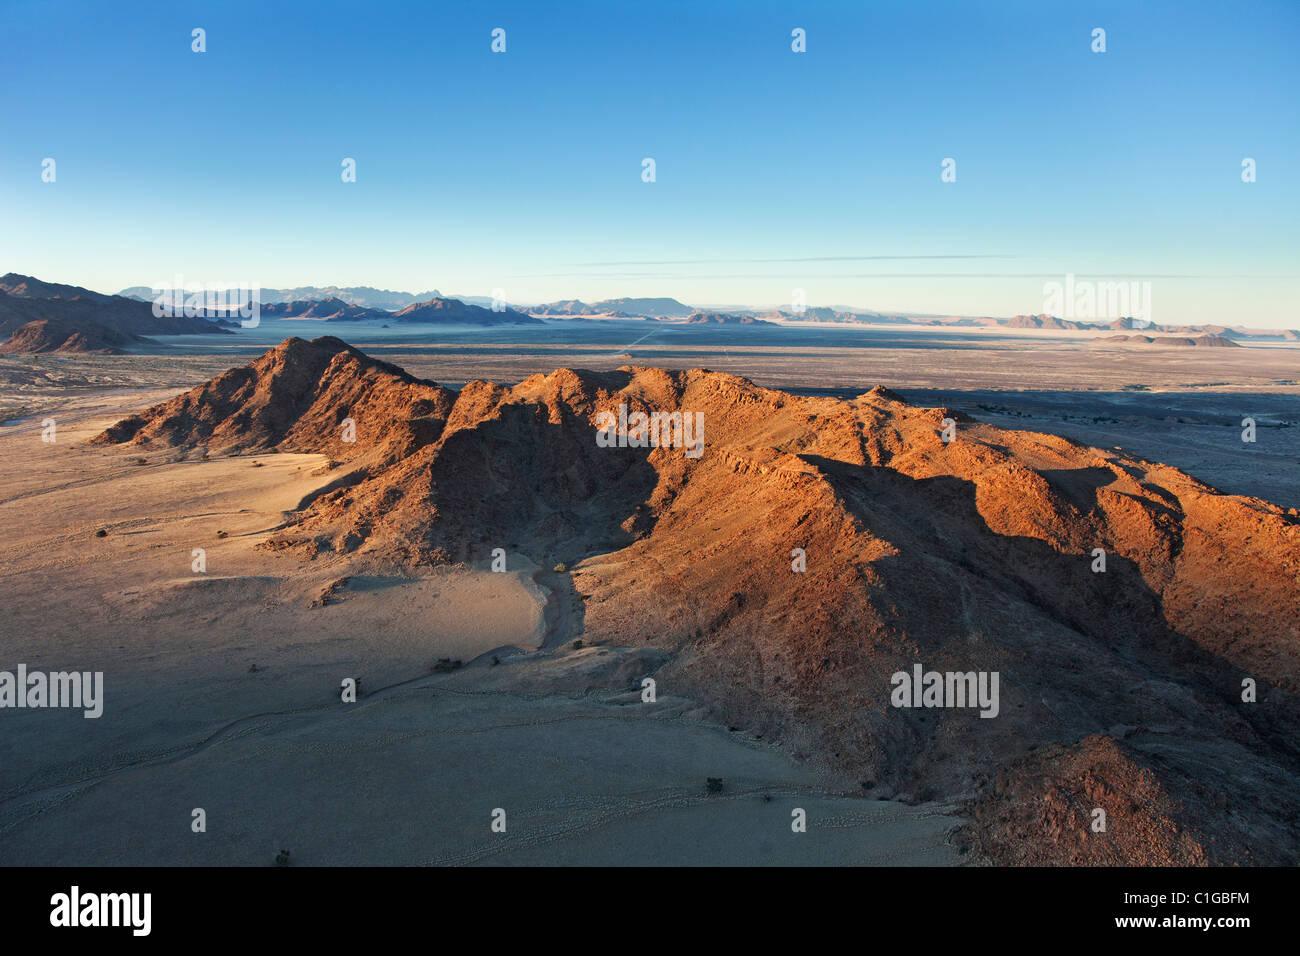 Chaîne de montagnes. Désert du Namib Naukluft, Parc National, la Namibie. Photo Stock